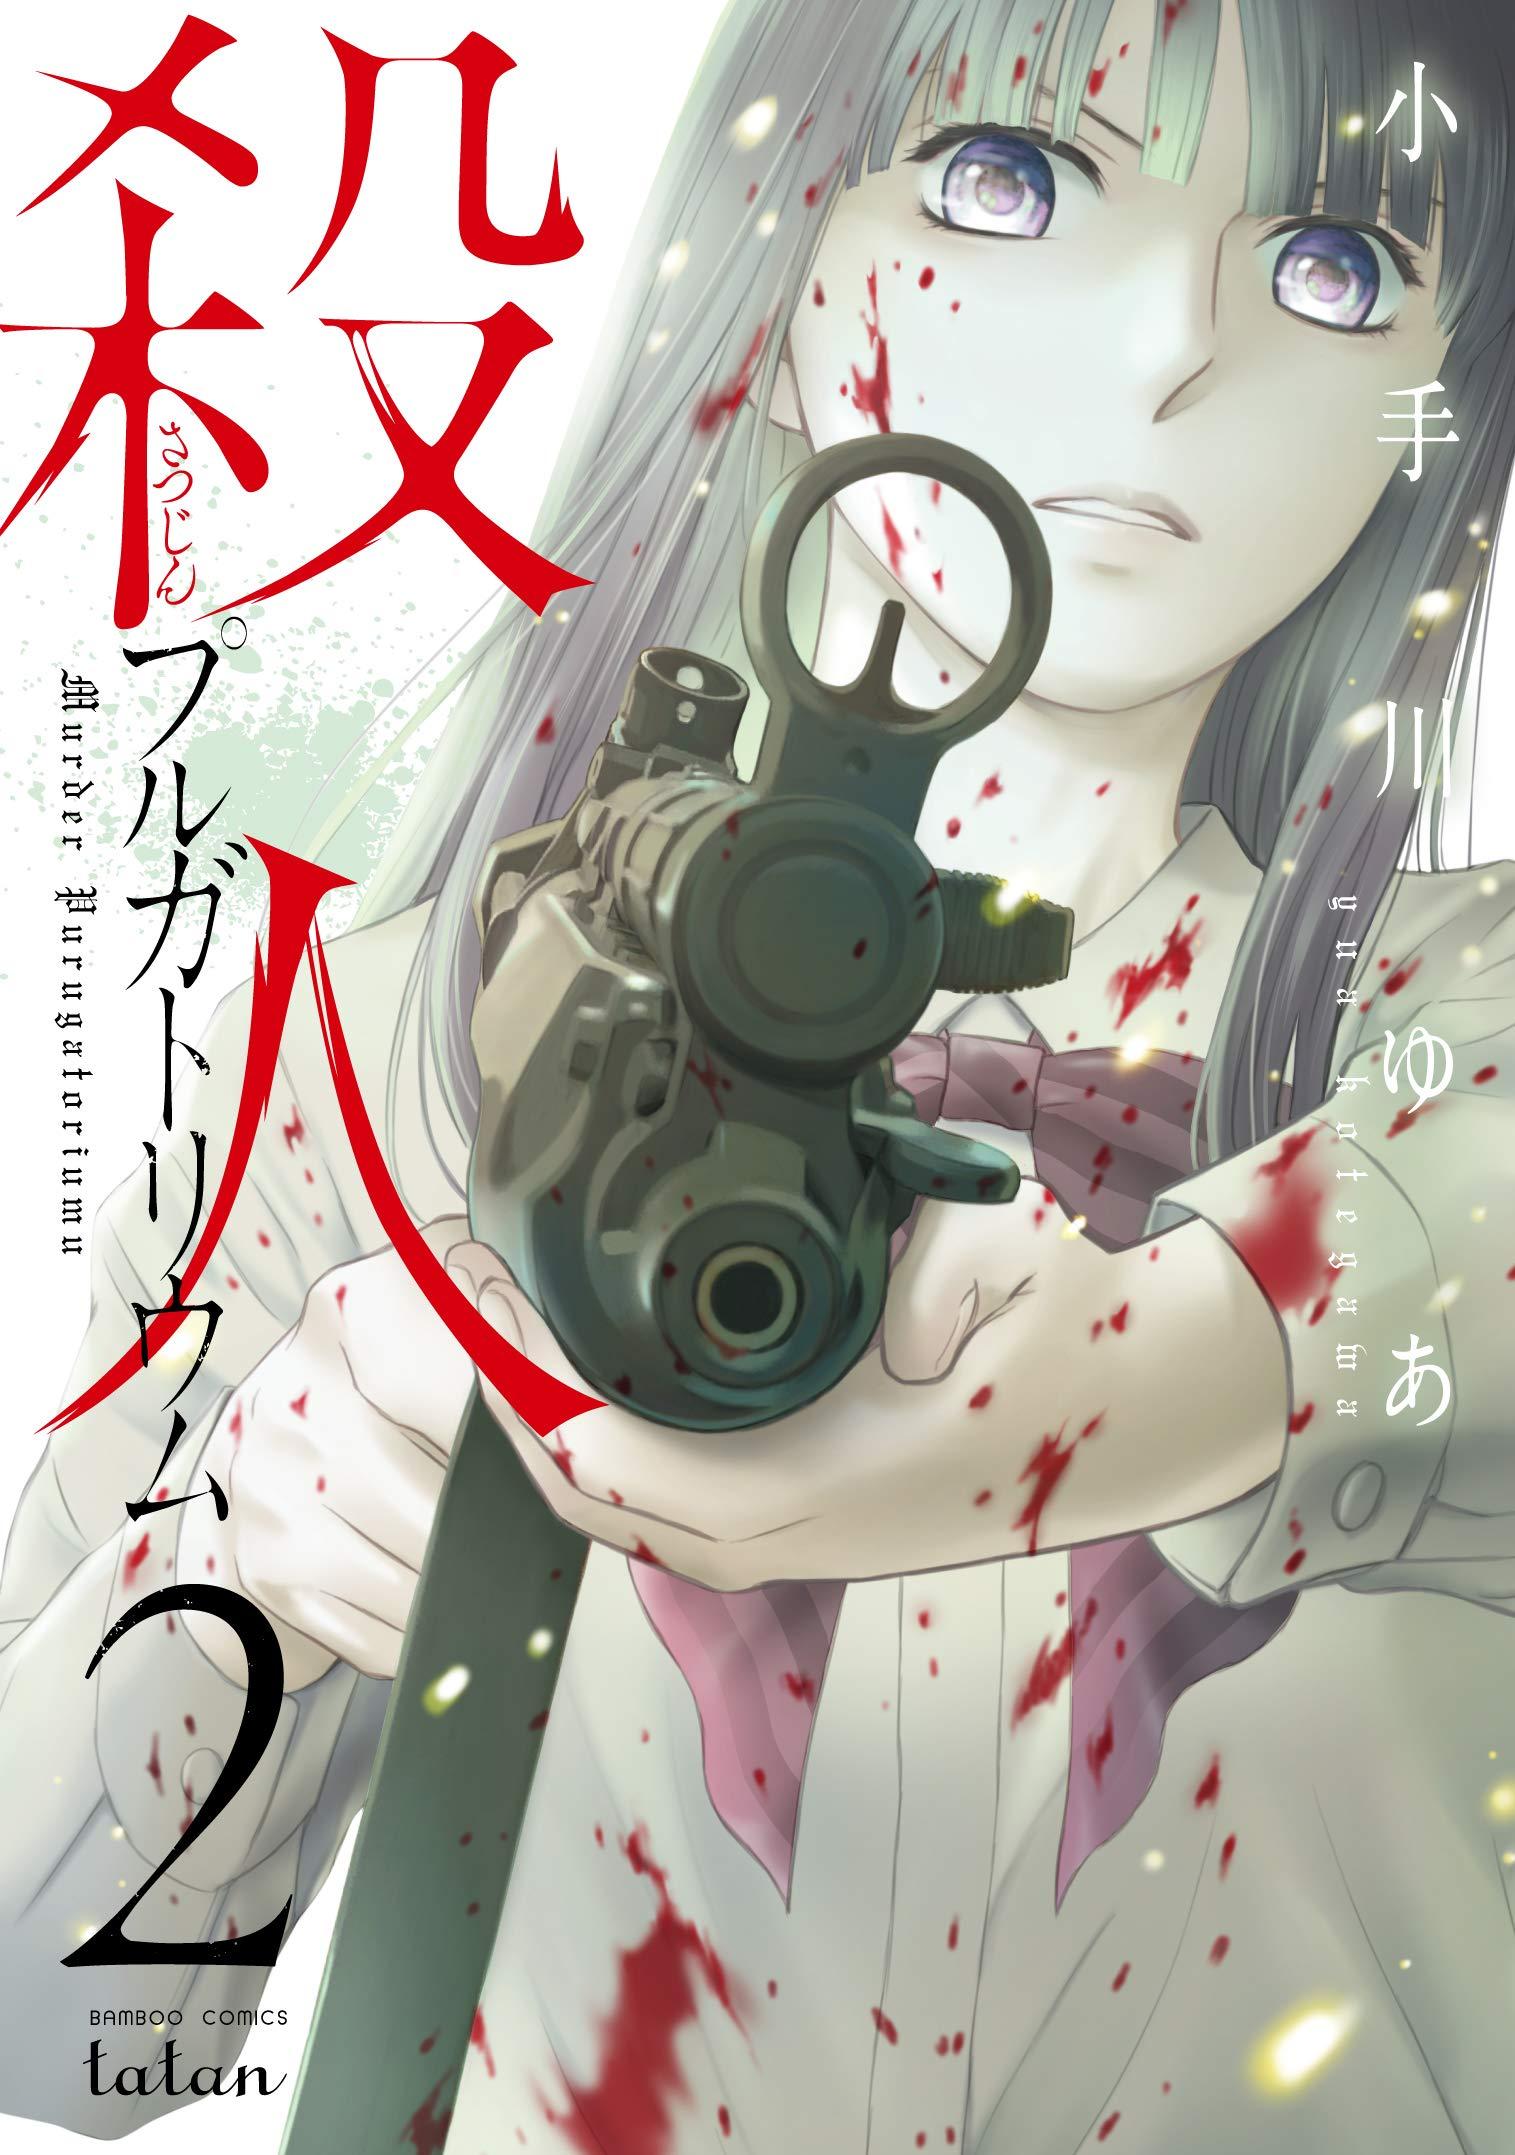 殺人プルガトリウム 2 (バンブーコミックス タタン) | 小手川 ゆあ |本 ...